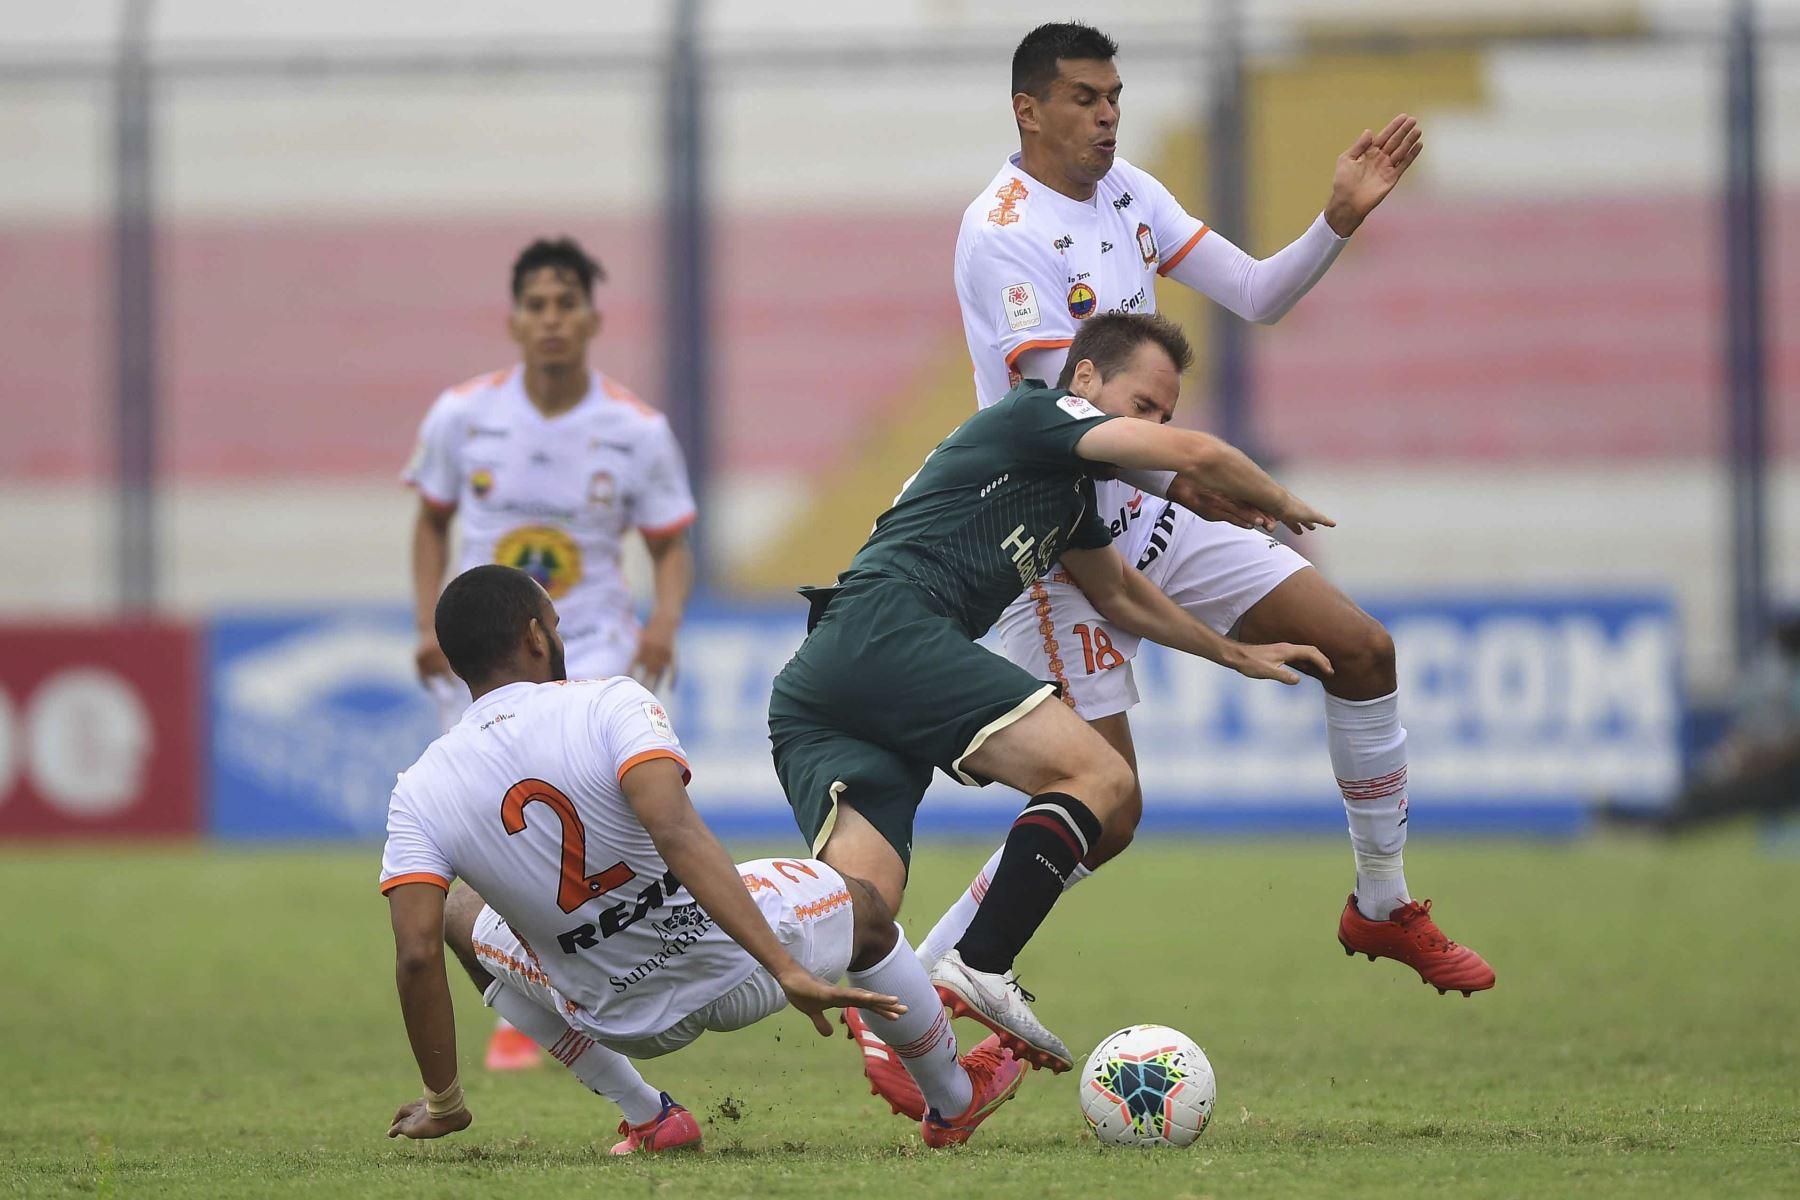 Universitario de Deportes empató 3 a 3 a Ayacucho FC con en un intenso partido jugado en el Estadio Iván Elías Moreno de Villa El Salvador, por la octava fecha del Torneo Apertura de la Liga 1 del fútbol peruano. Foto: Liga1